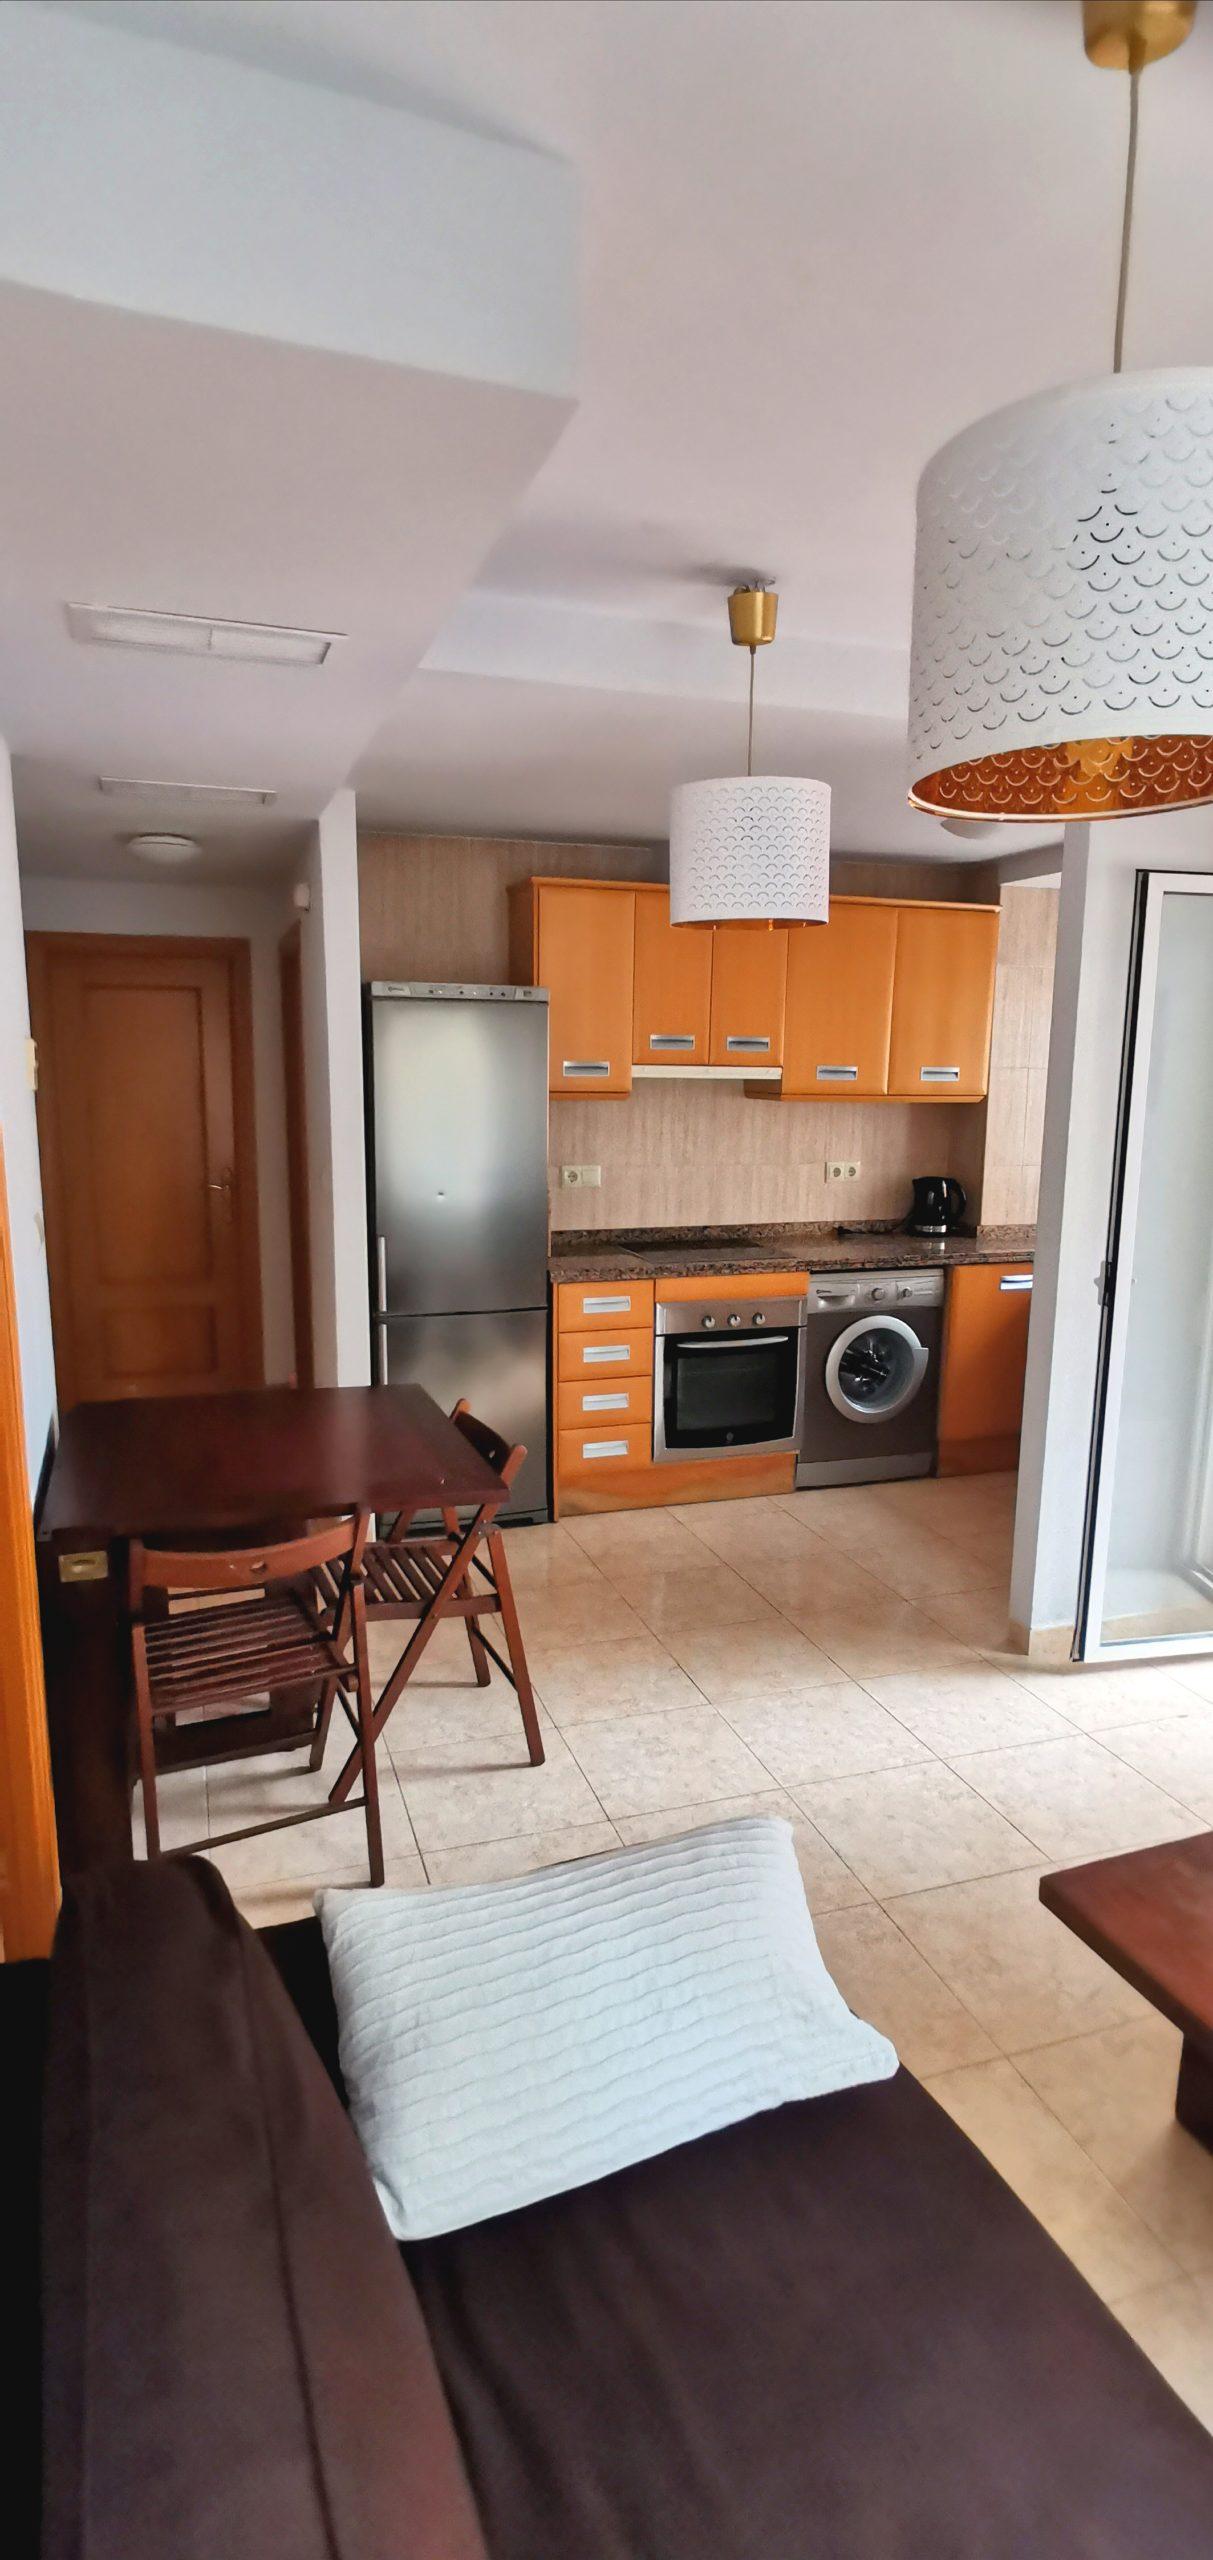 Apartament Calle Sevilla z licencją turystyczną